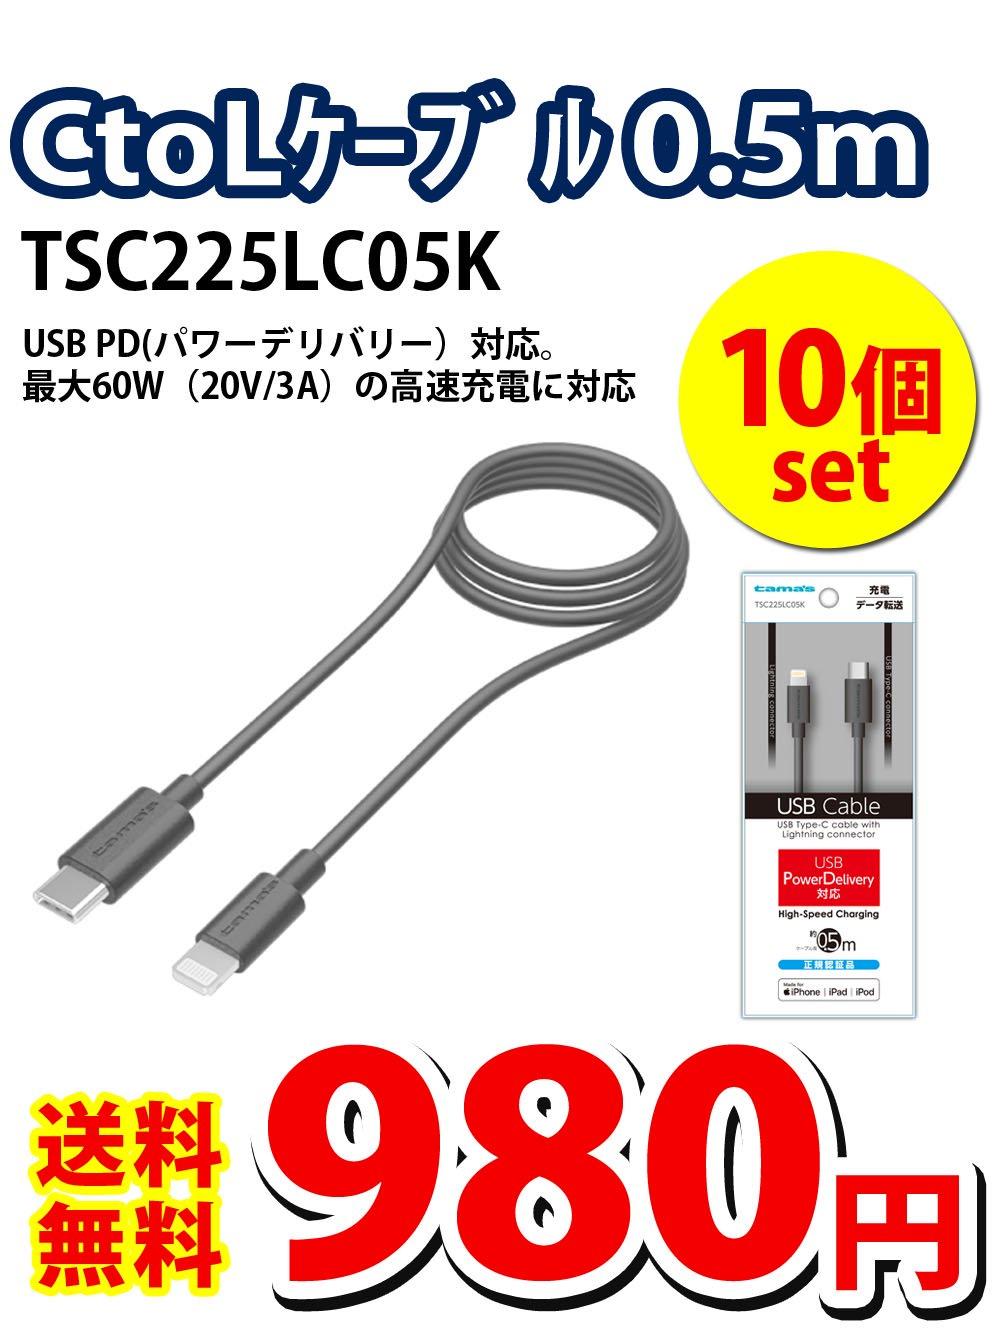 【送料無料】CtoLケーブル1.0m TSC225LC05K【10個セット】980円